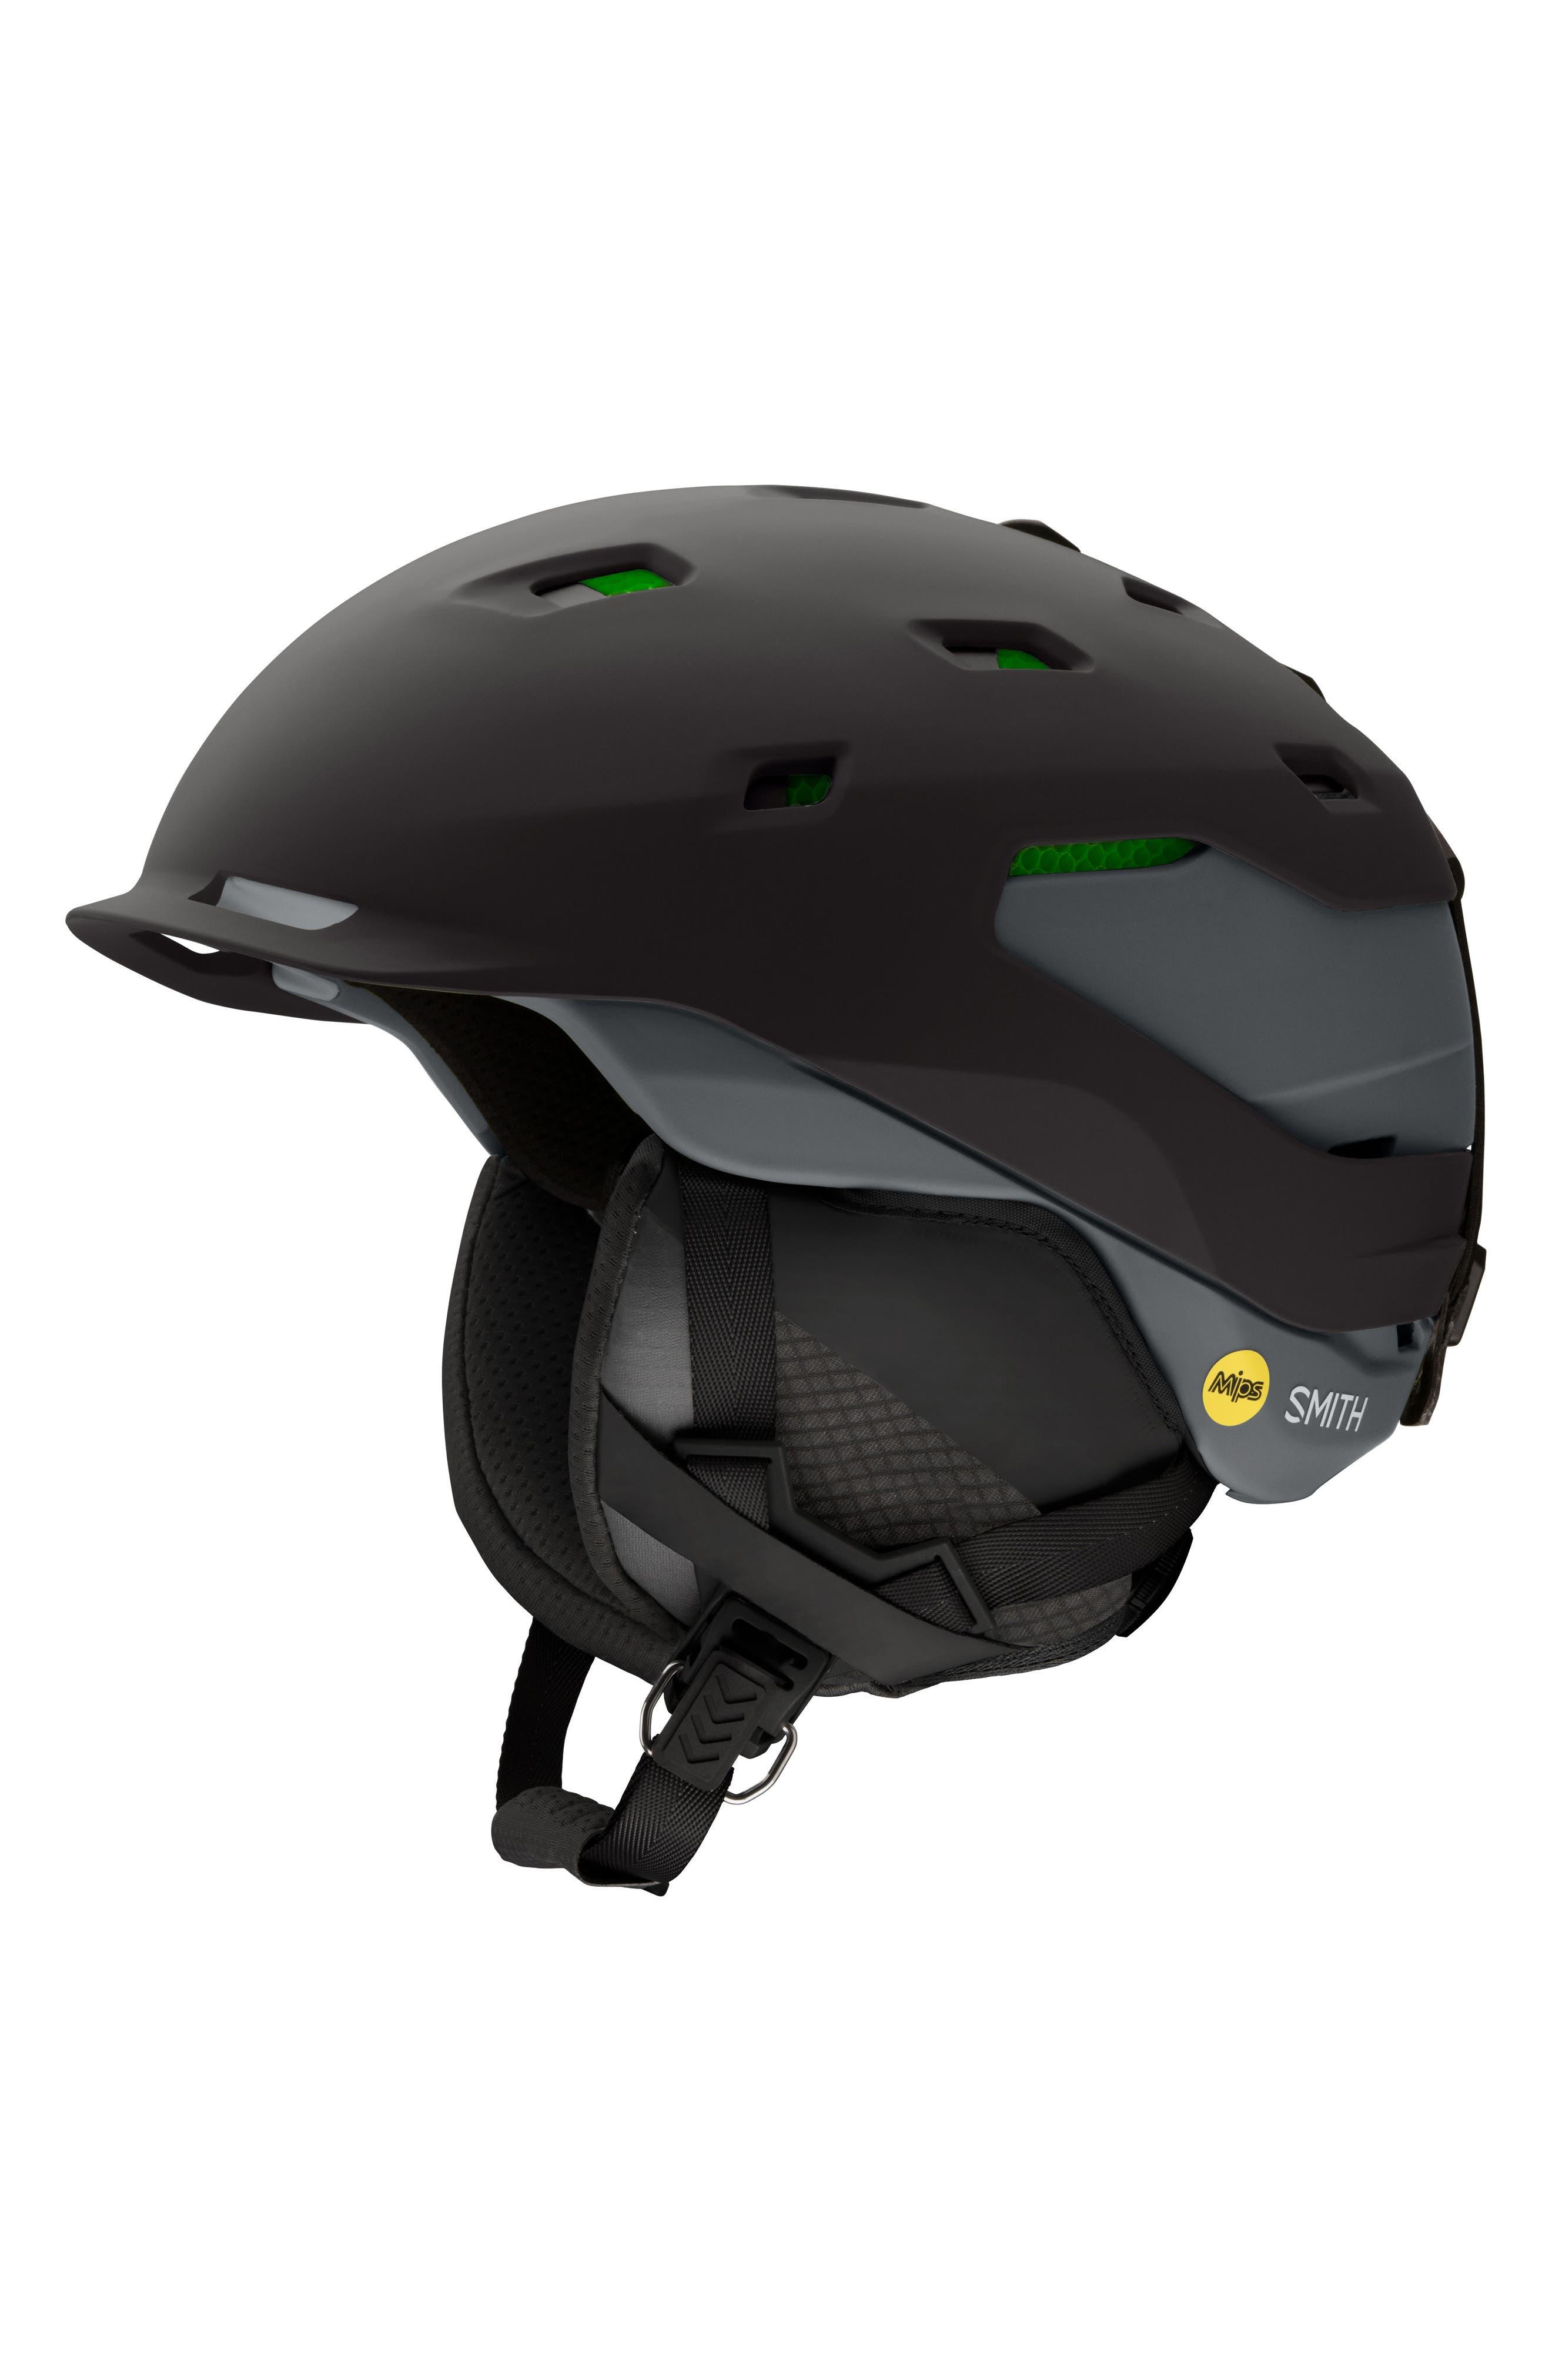 Smith Quantum with MIPS Snow Helmet